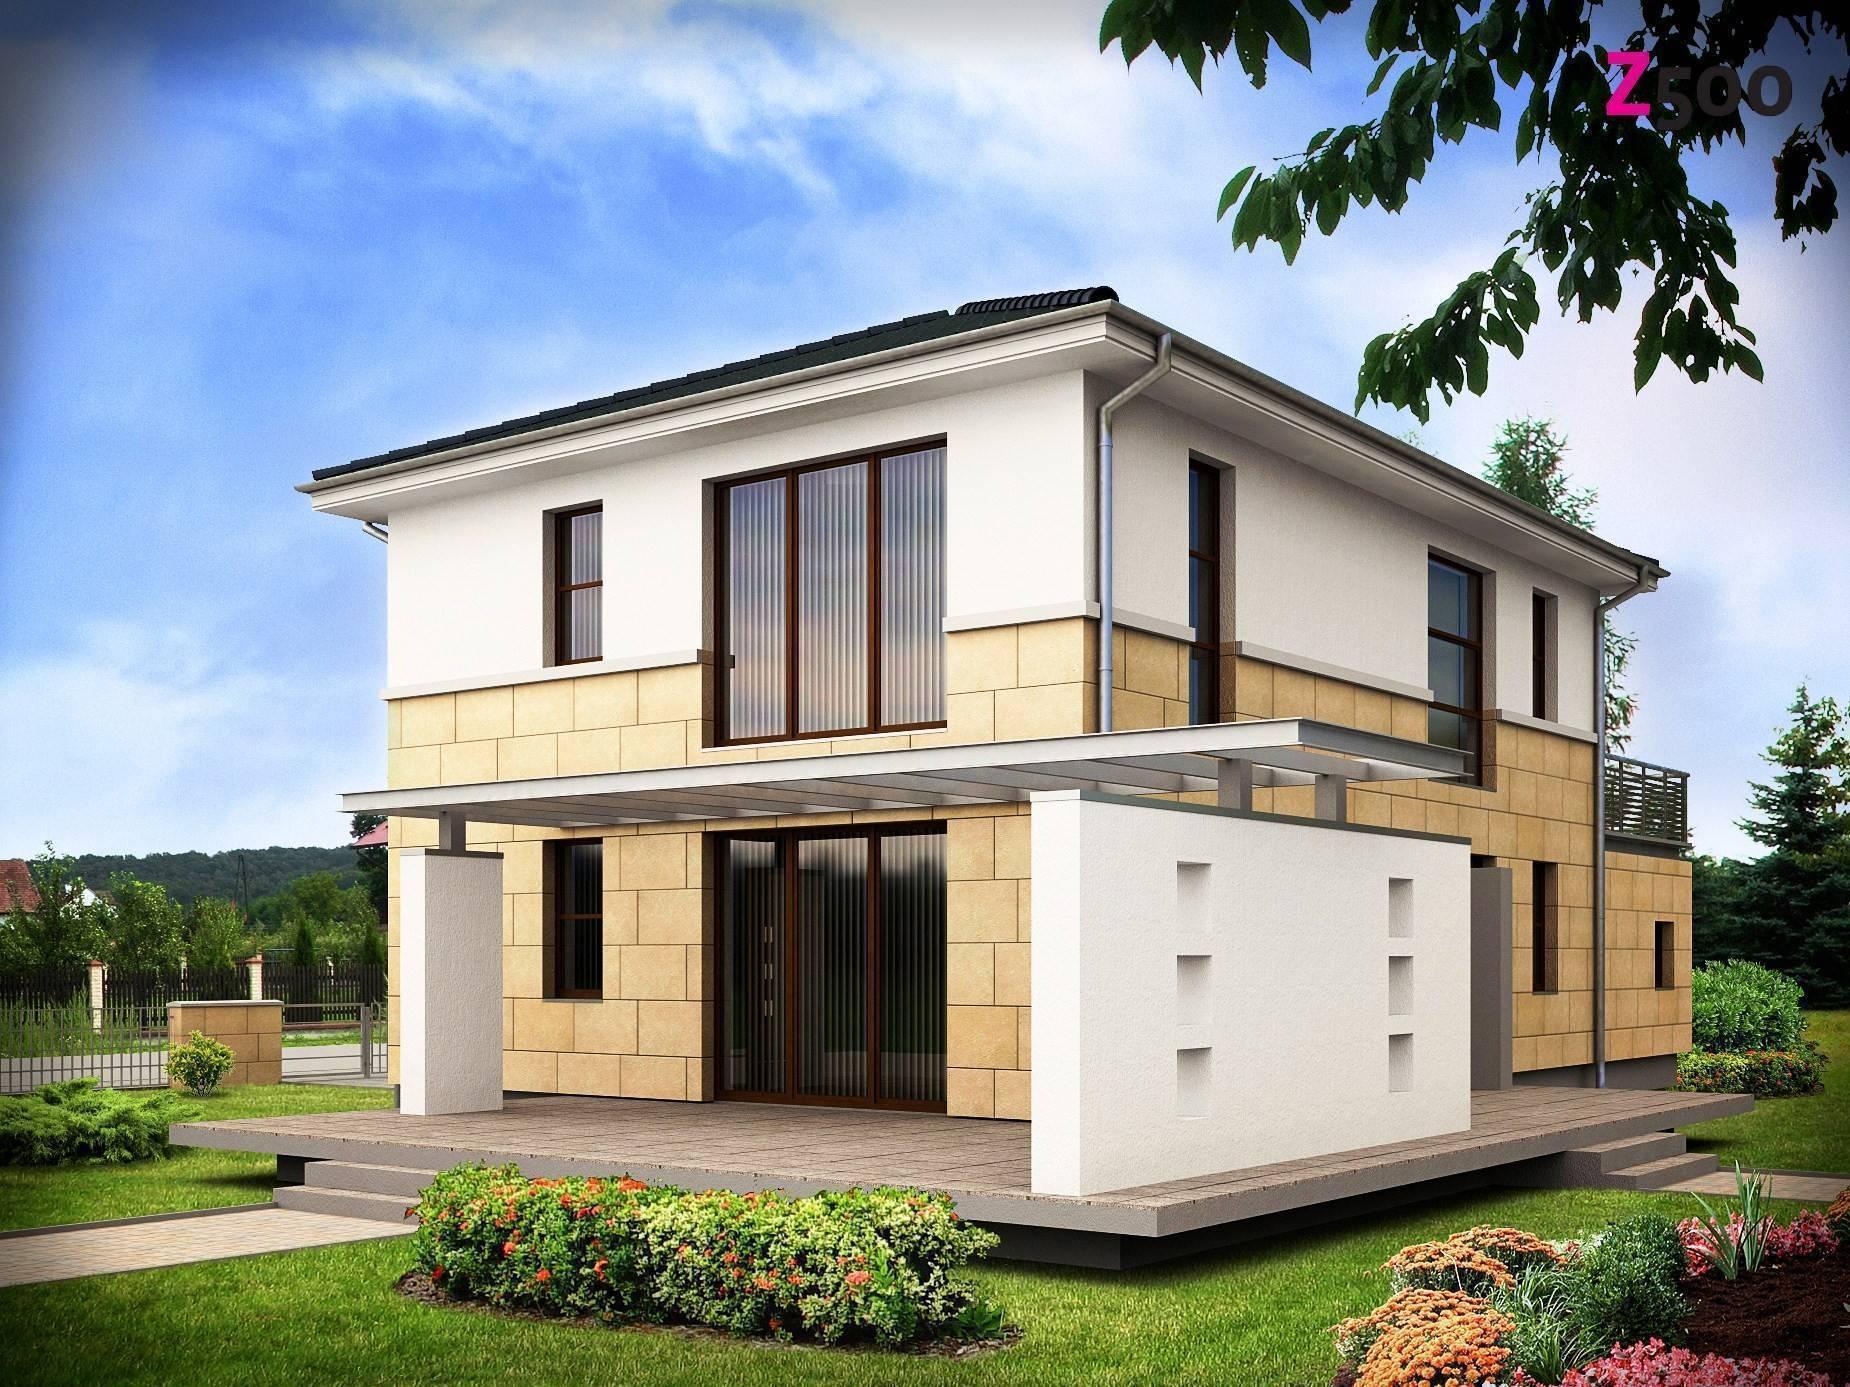 Двухэтажный частный дом: 90 фото лучших проектов и советы как построить дом быстро и просто